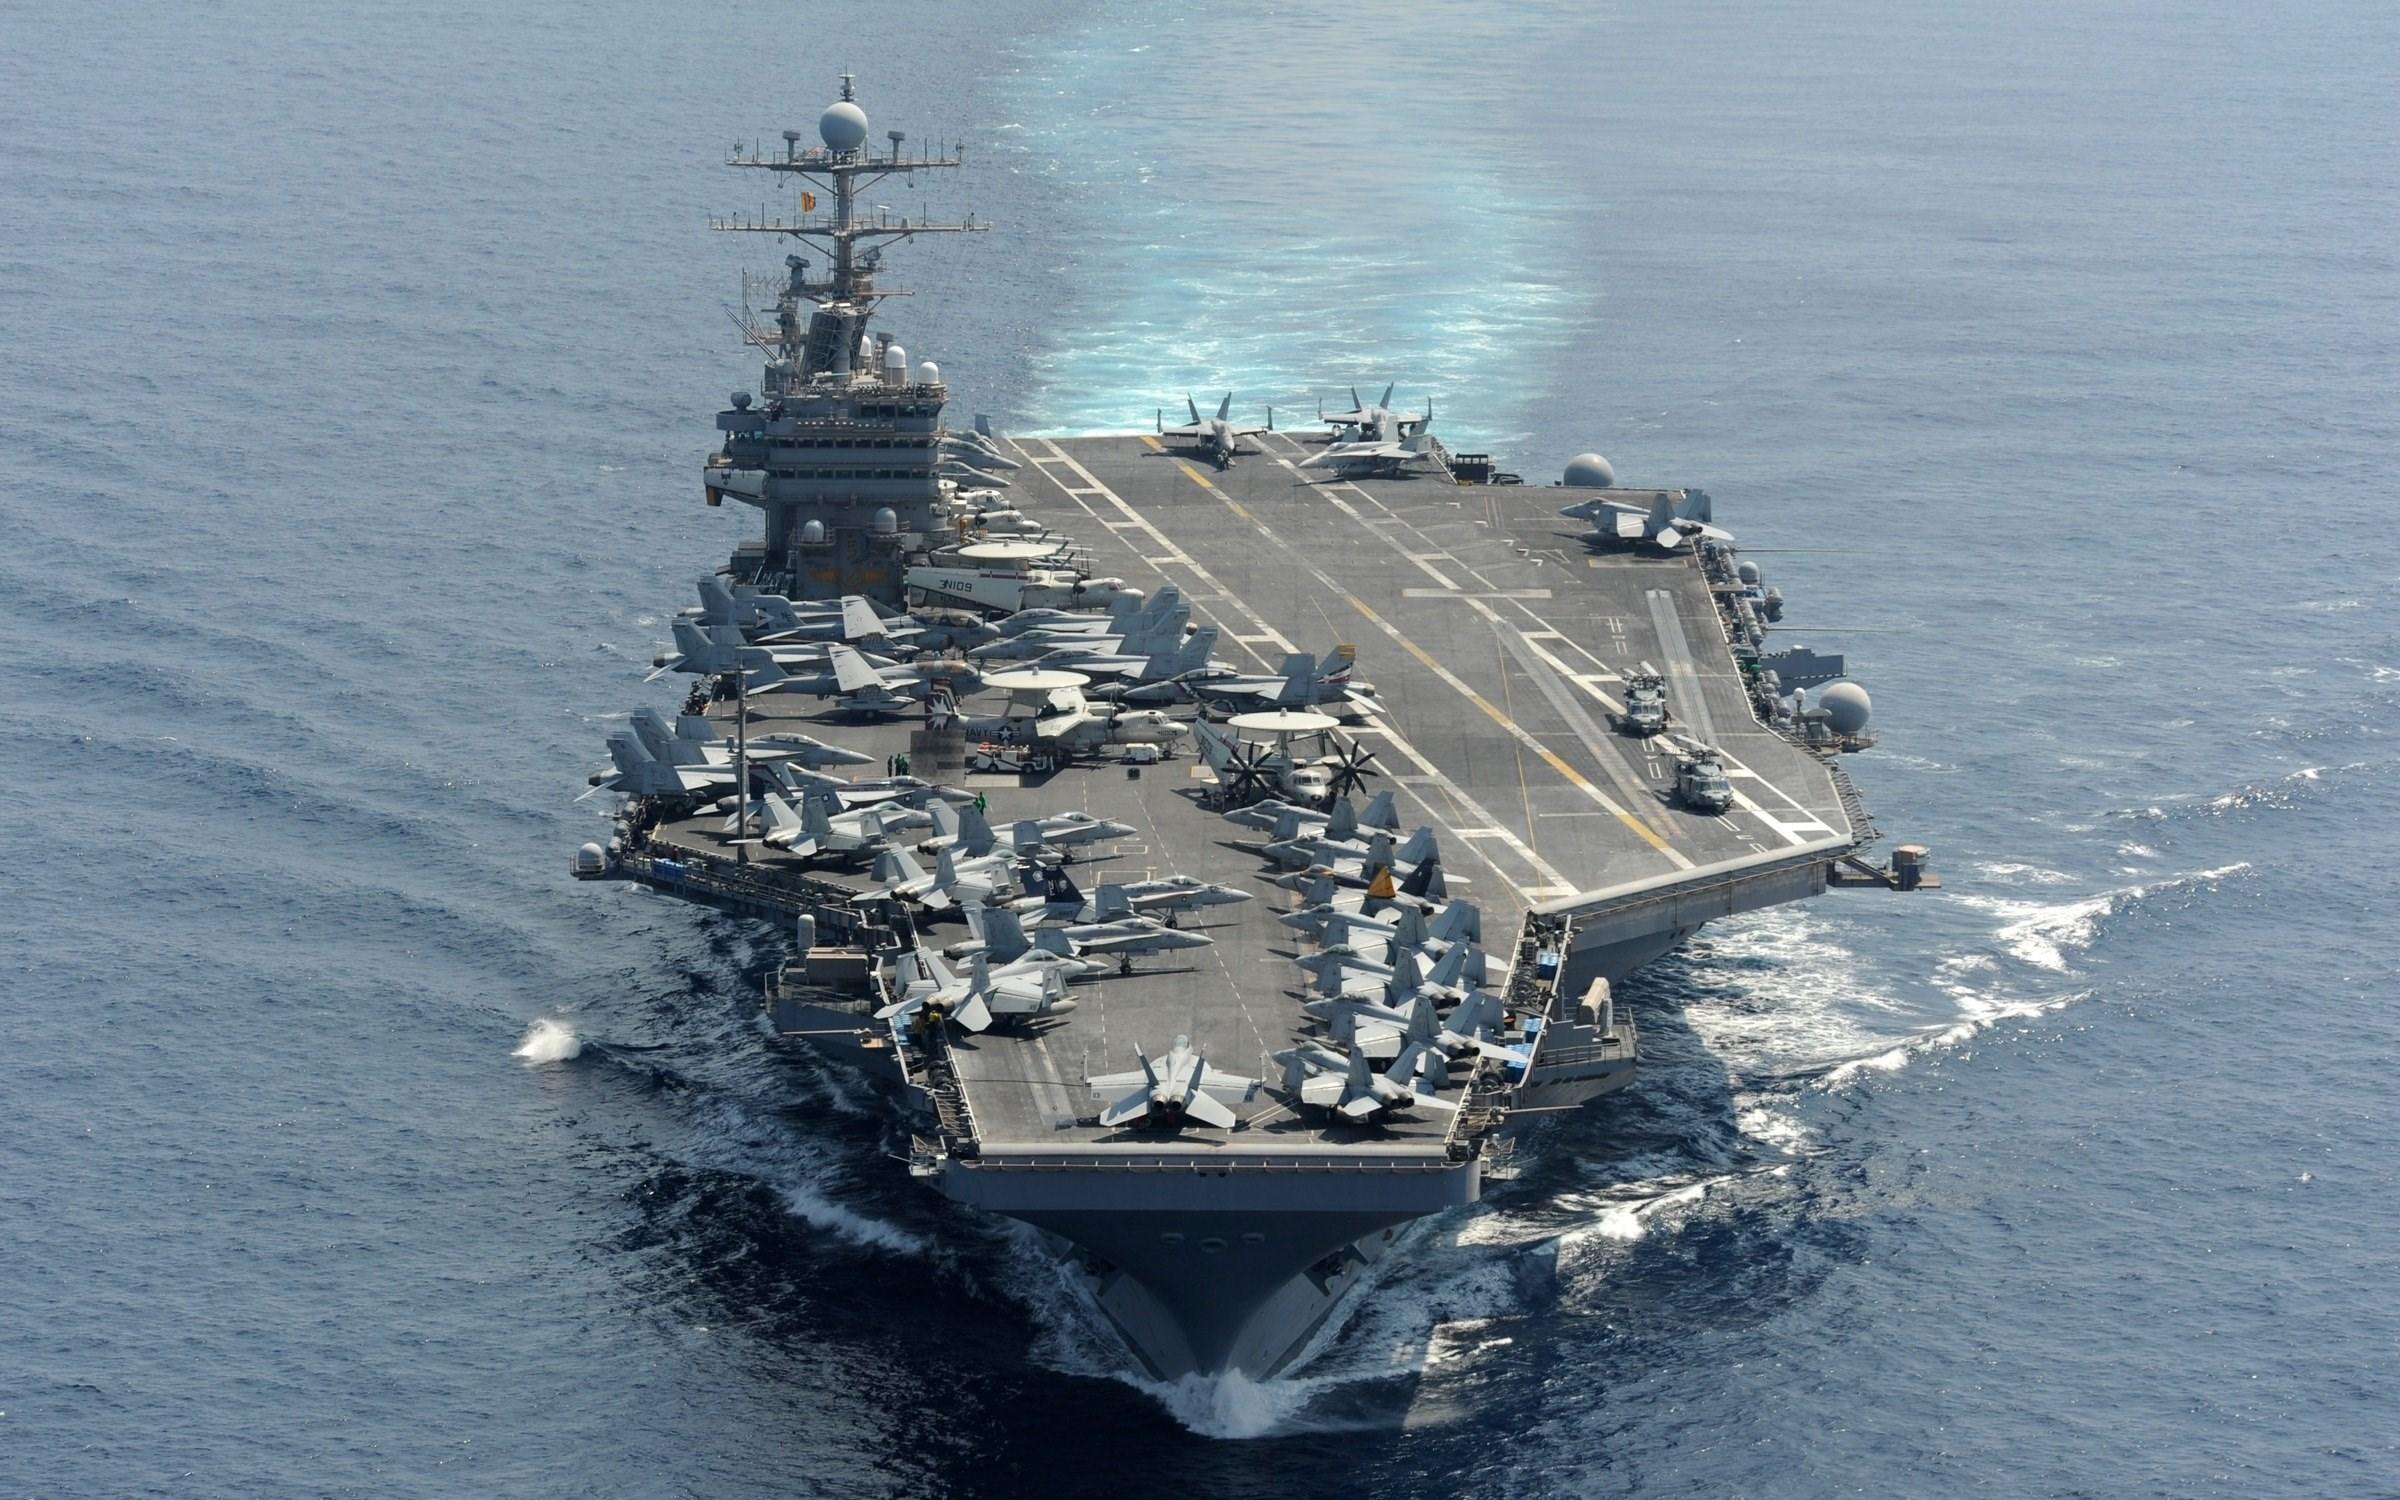 كيف كانت البحرية الأميركيَّة تنتشر عشيَّة اغتيال فخري زادة؟